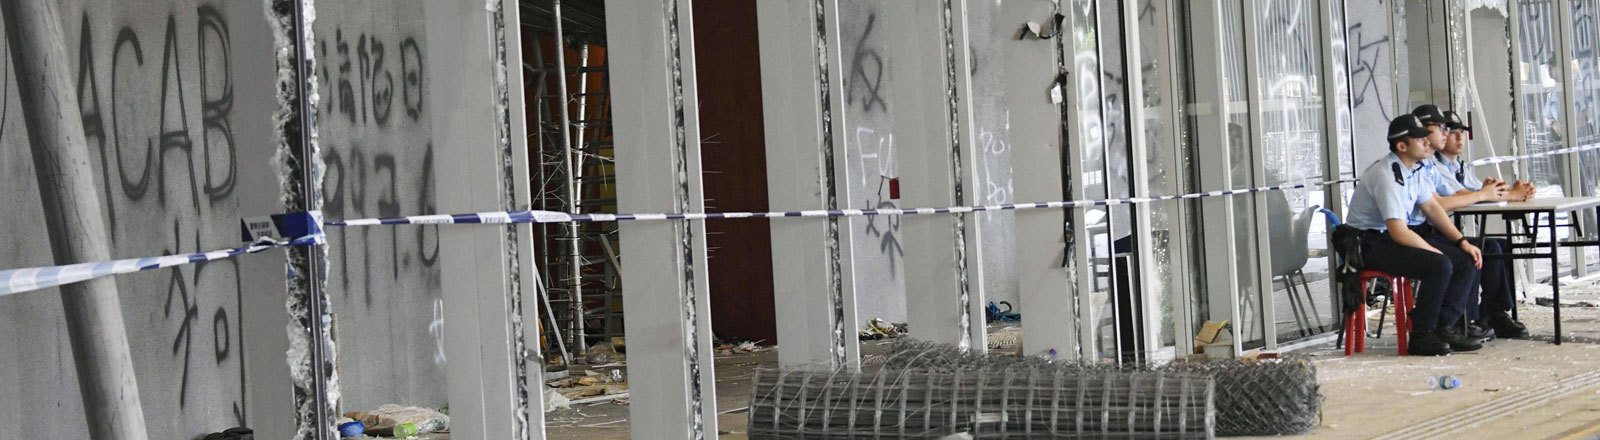 Das Parlamentsgebäude in Hongkong wurde nach Protesten schwer beschädigt. Fenster und Türen sind eingeschlagen. Davor sitzen drei Polizisten.